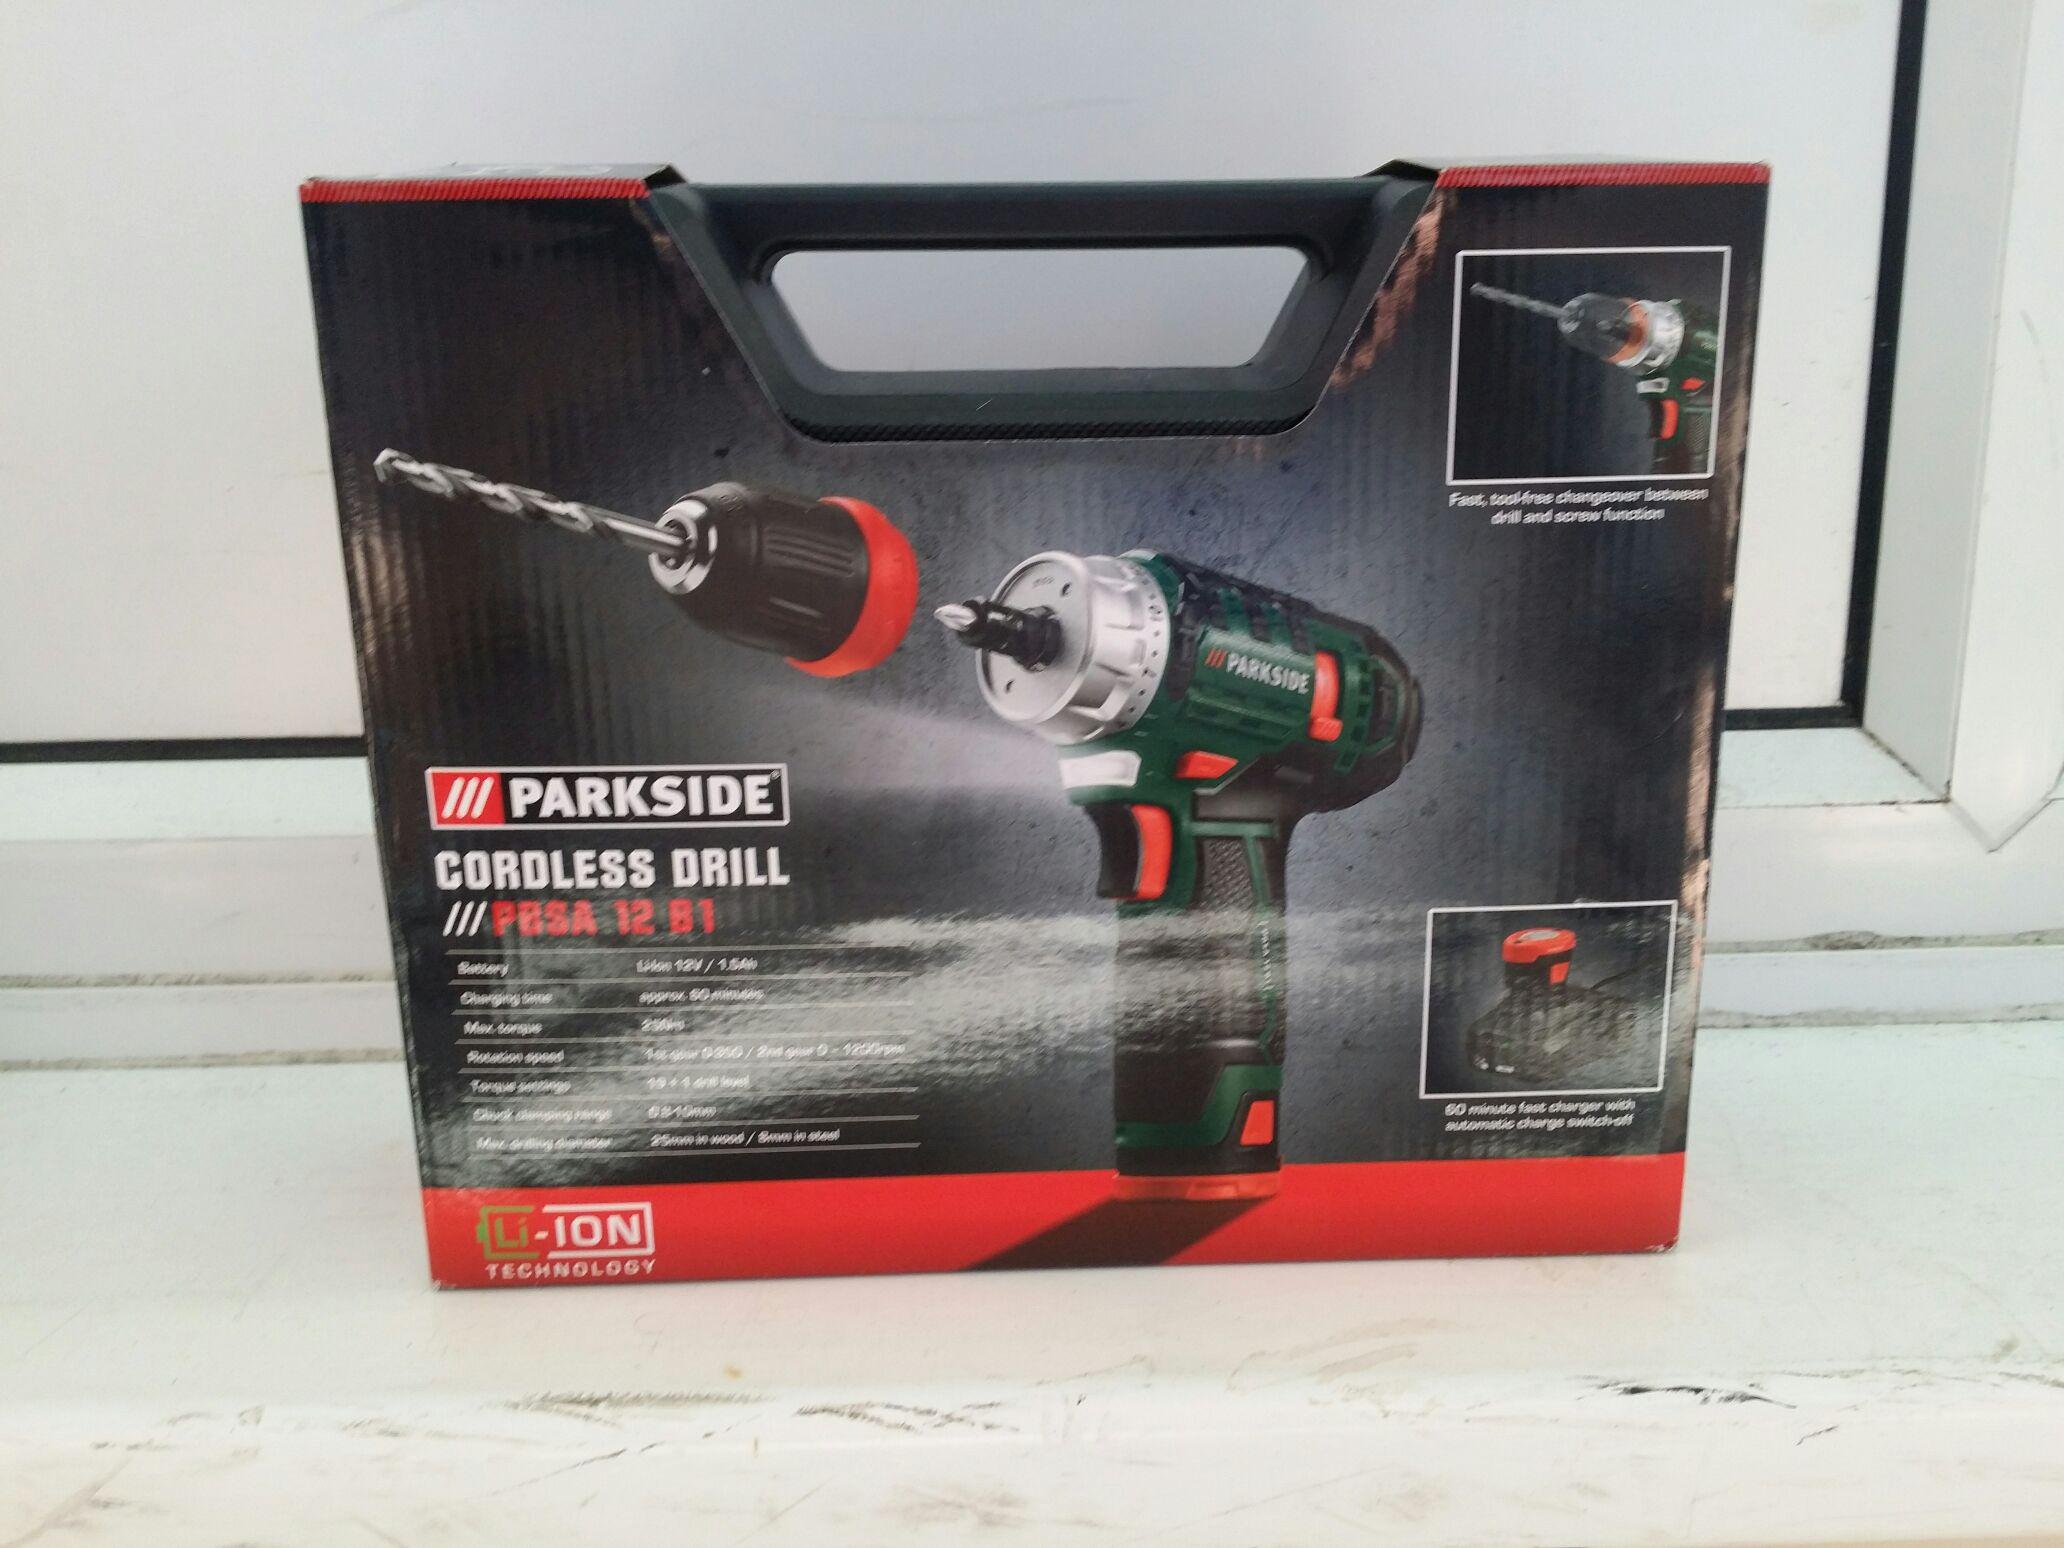 Parkside cordless drill 12v - £16.99 instore @ LIDL (Bedford)